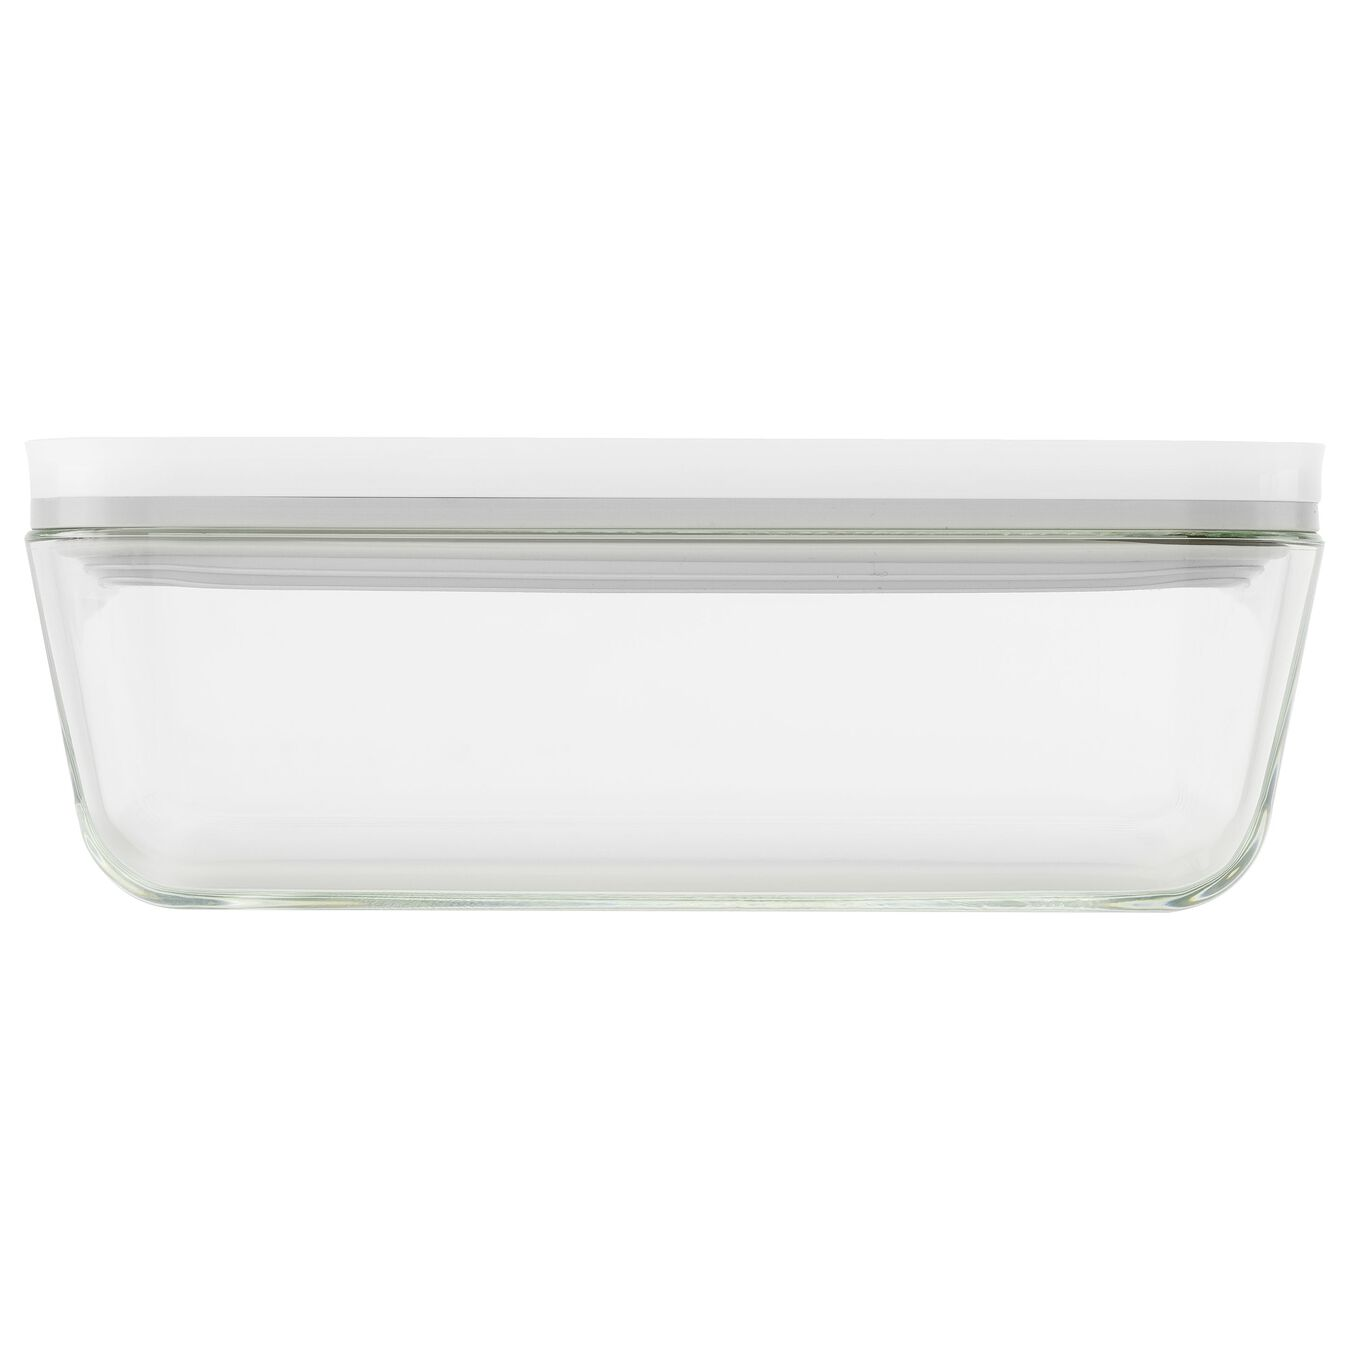 Vakuum Kühlschrankbox, Glas, Grau,,large 3